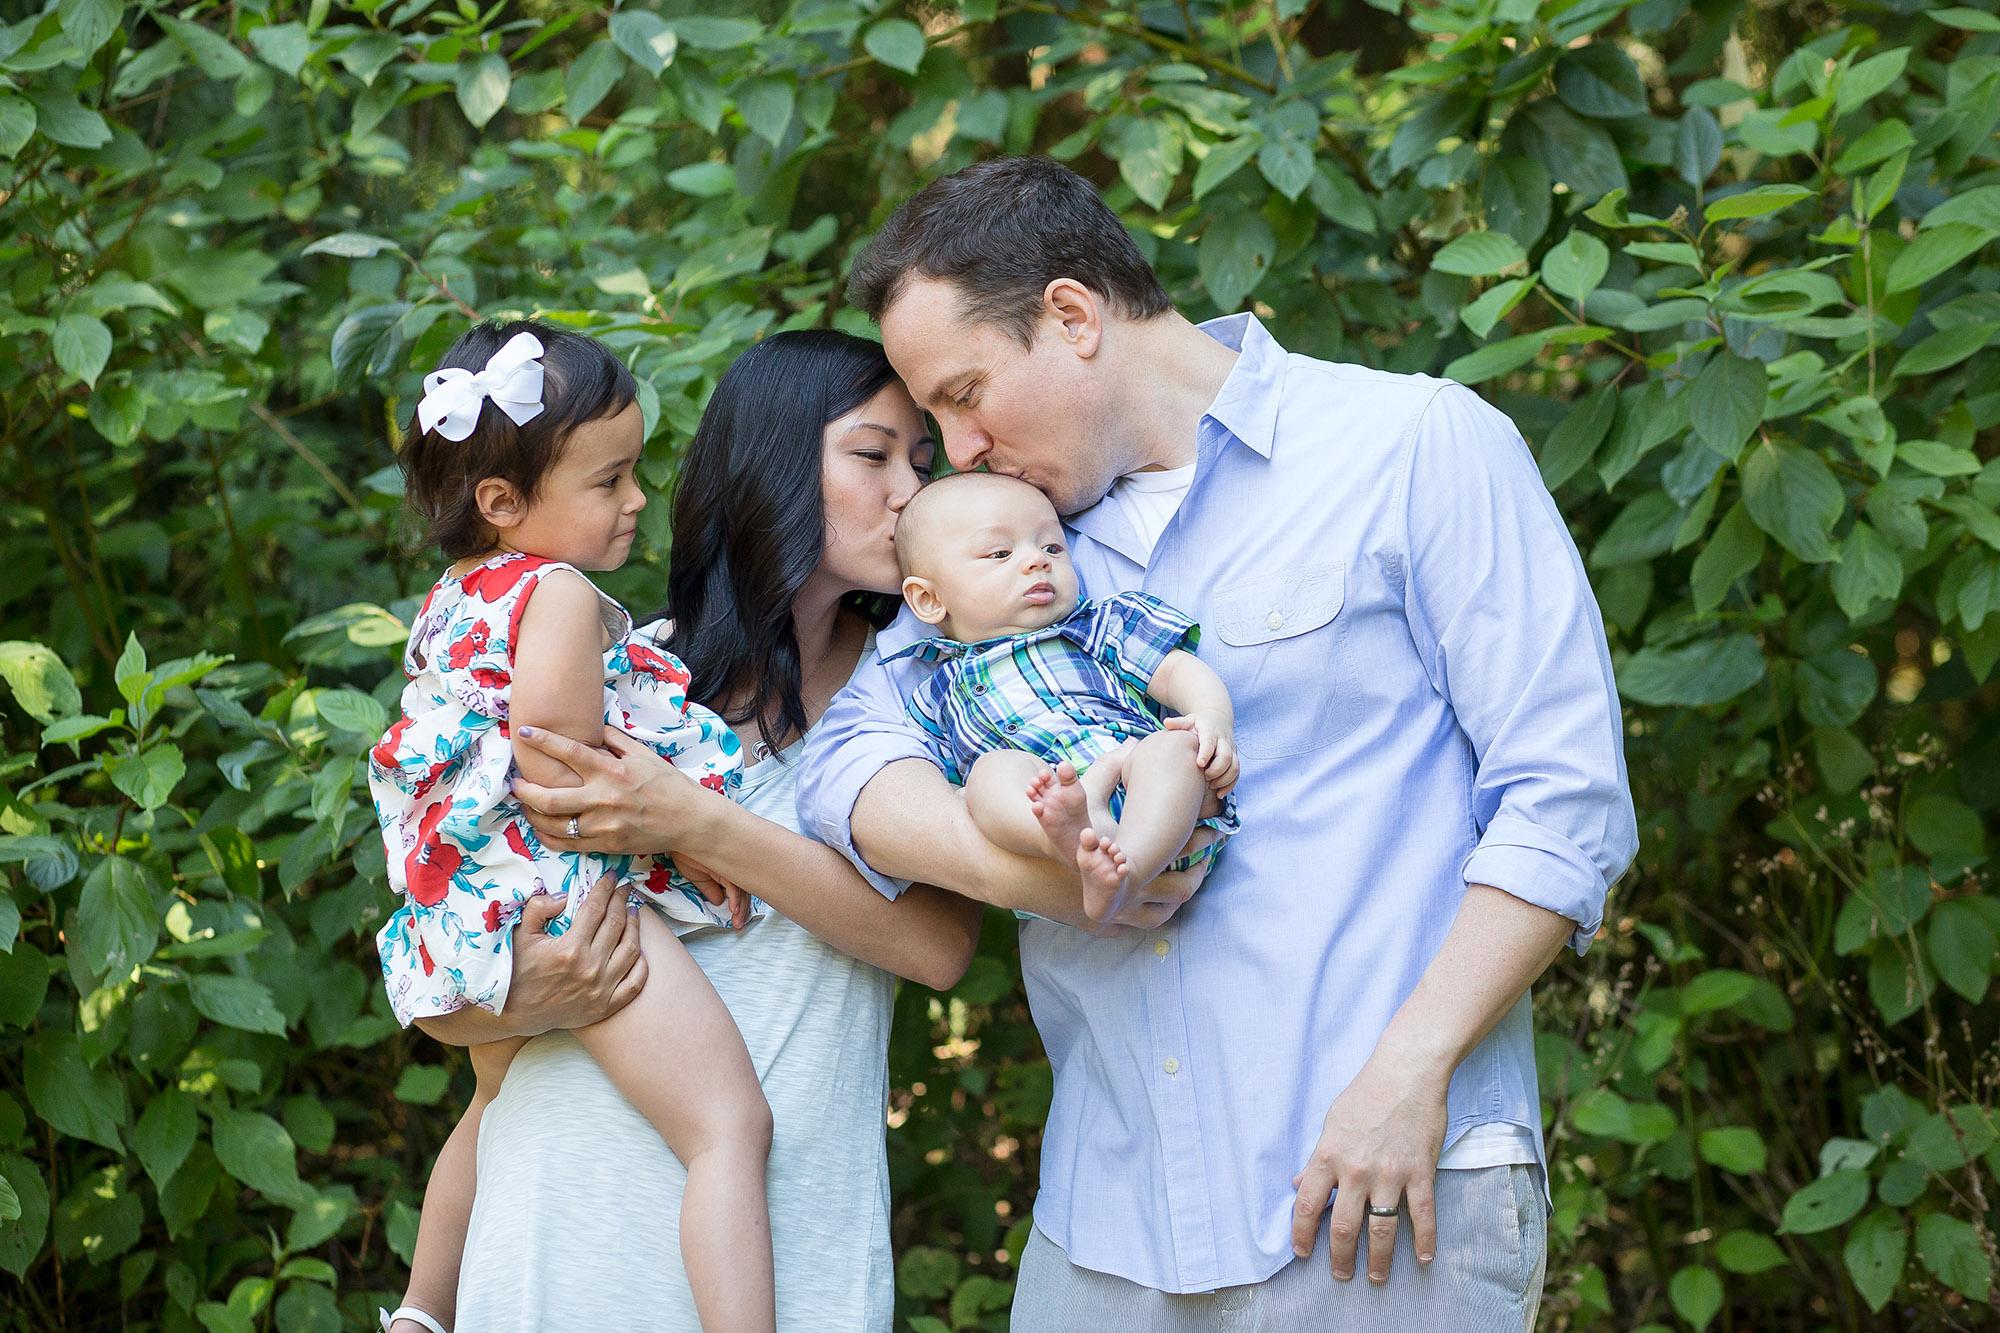 burkhardt-family013.jpg